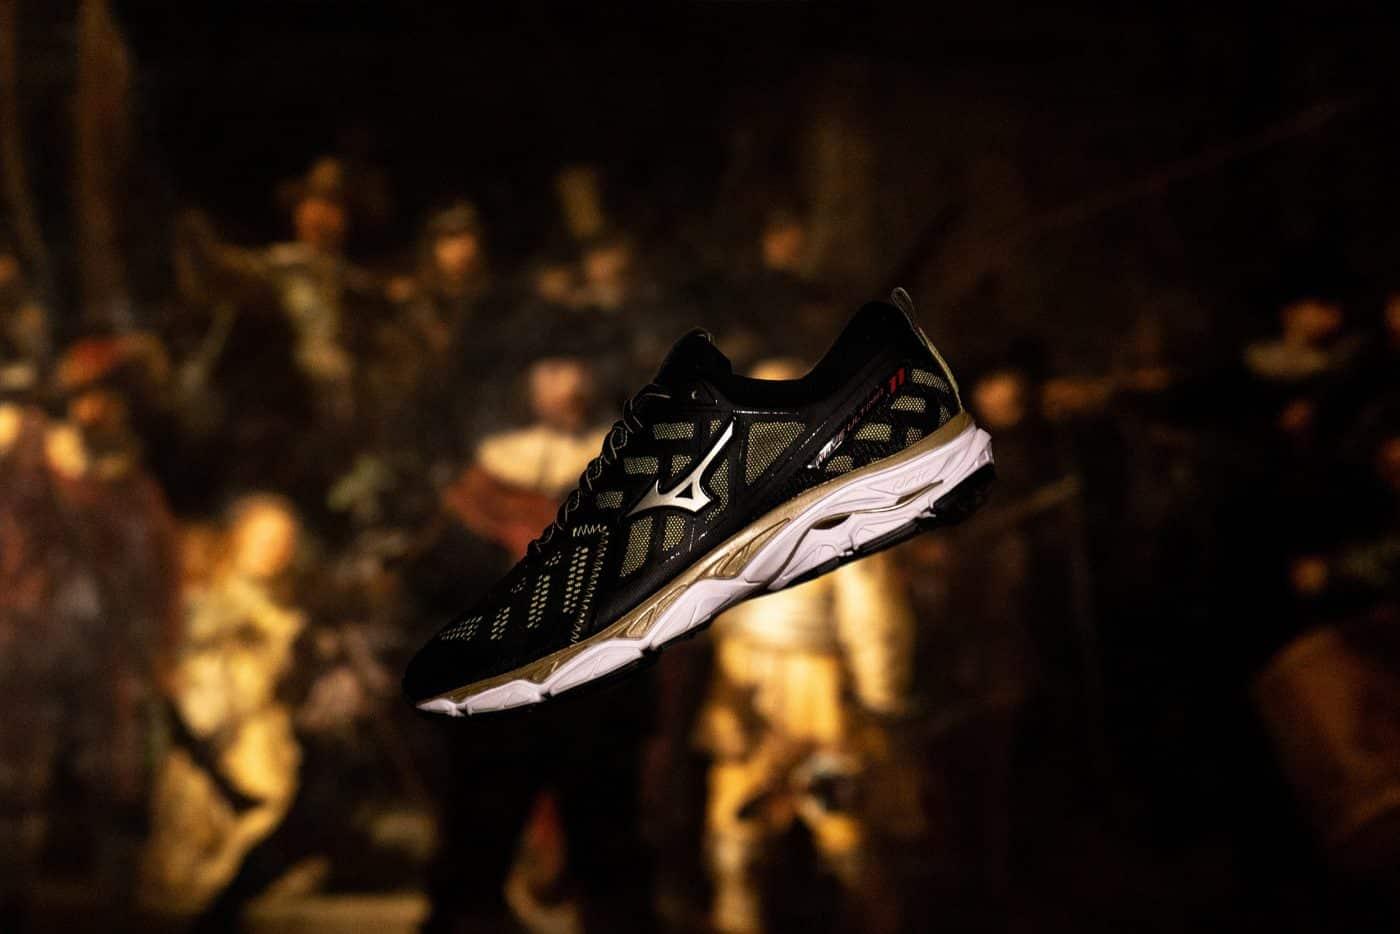 mizuno-wave-ultima-11-amsterdam-running-chaussures-runpack-1